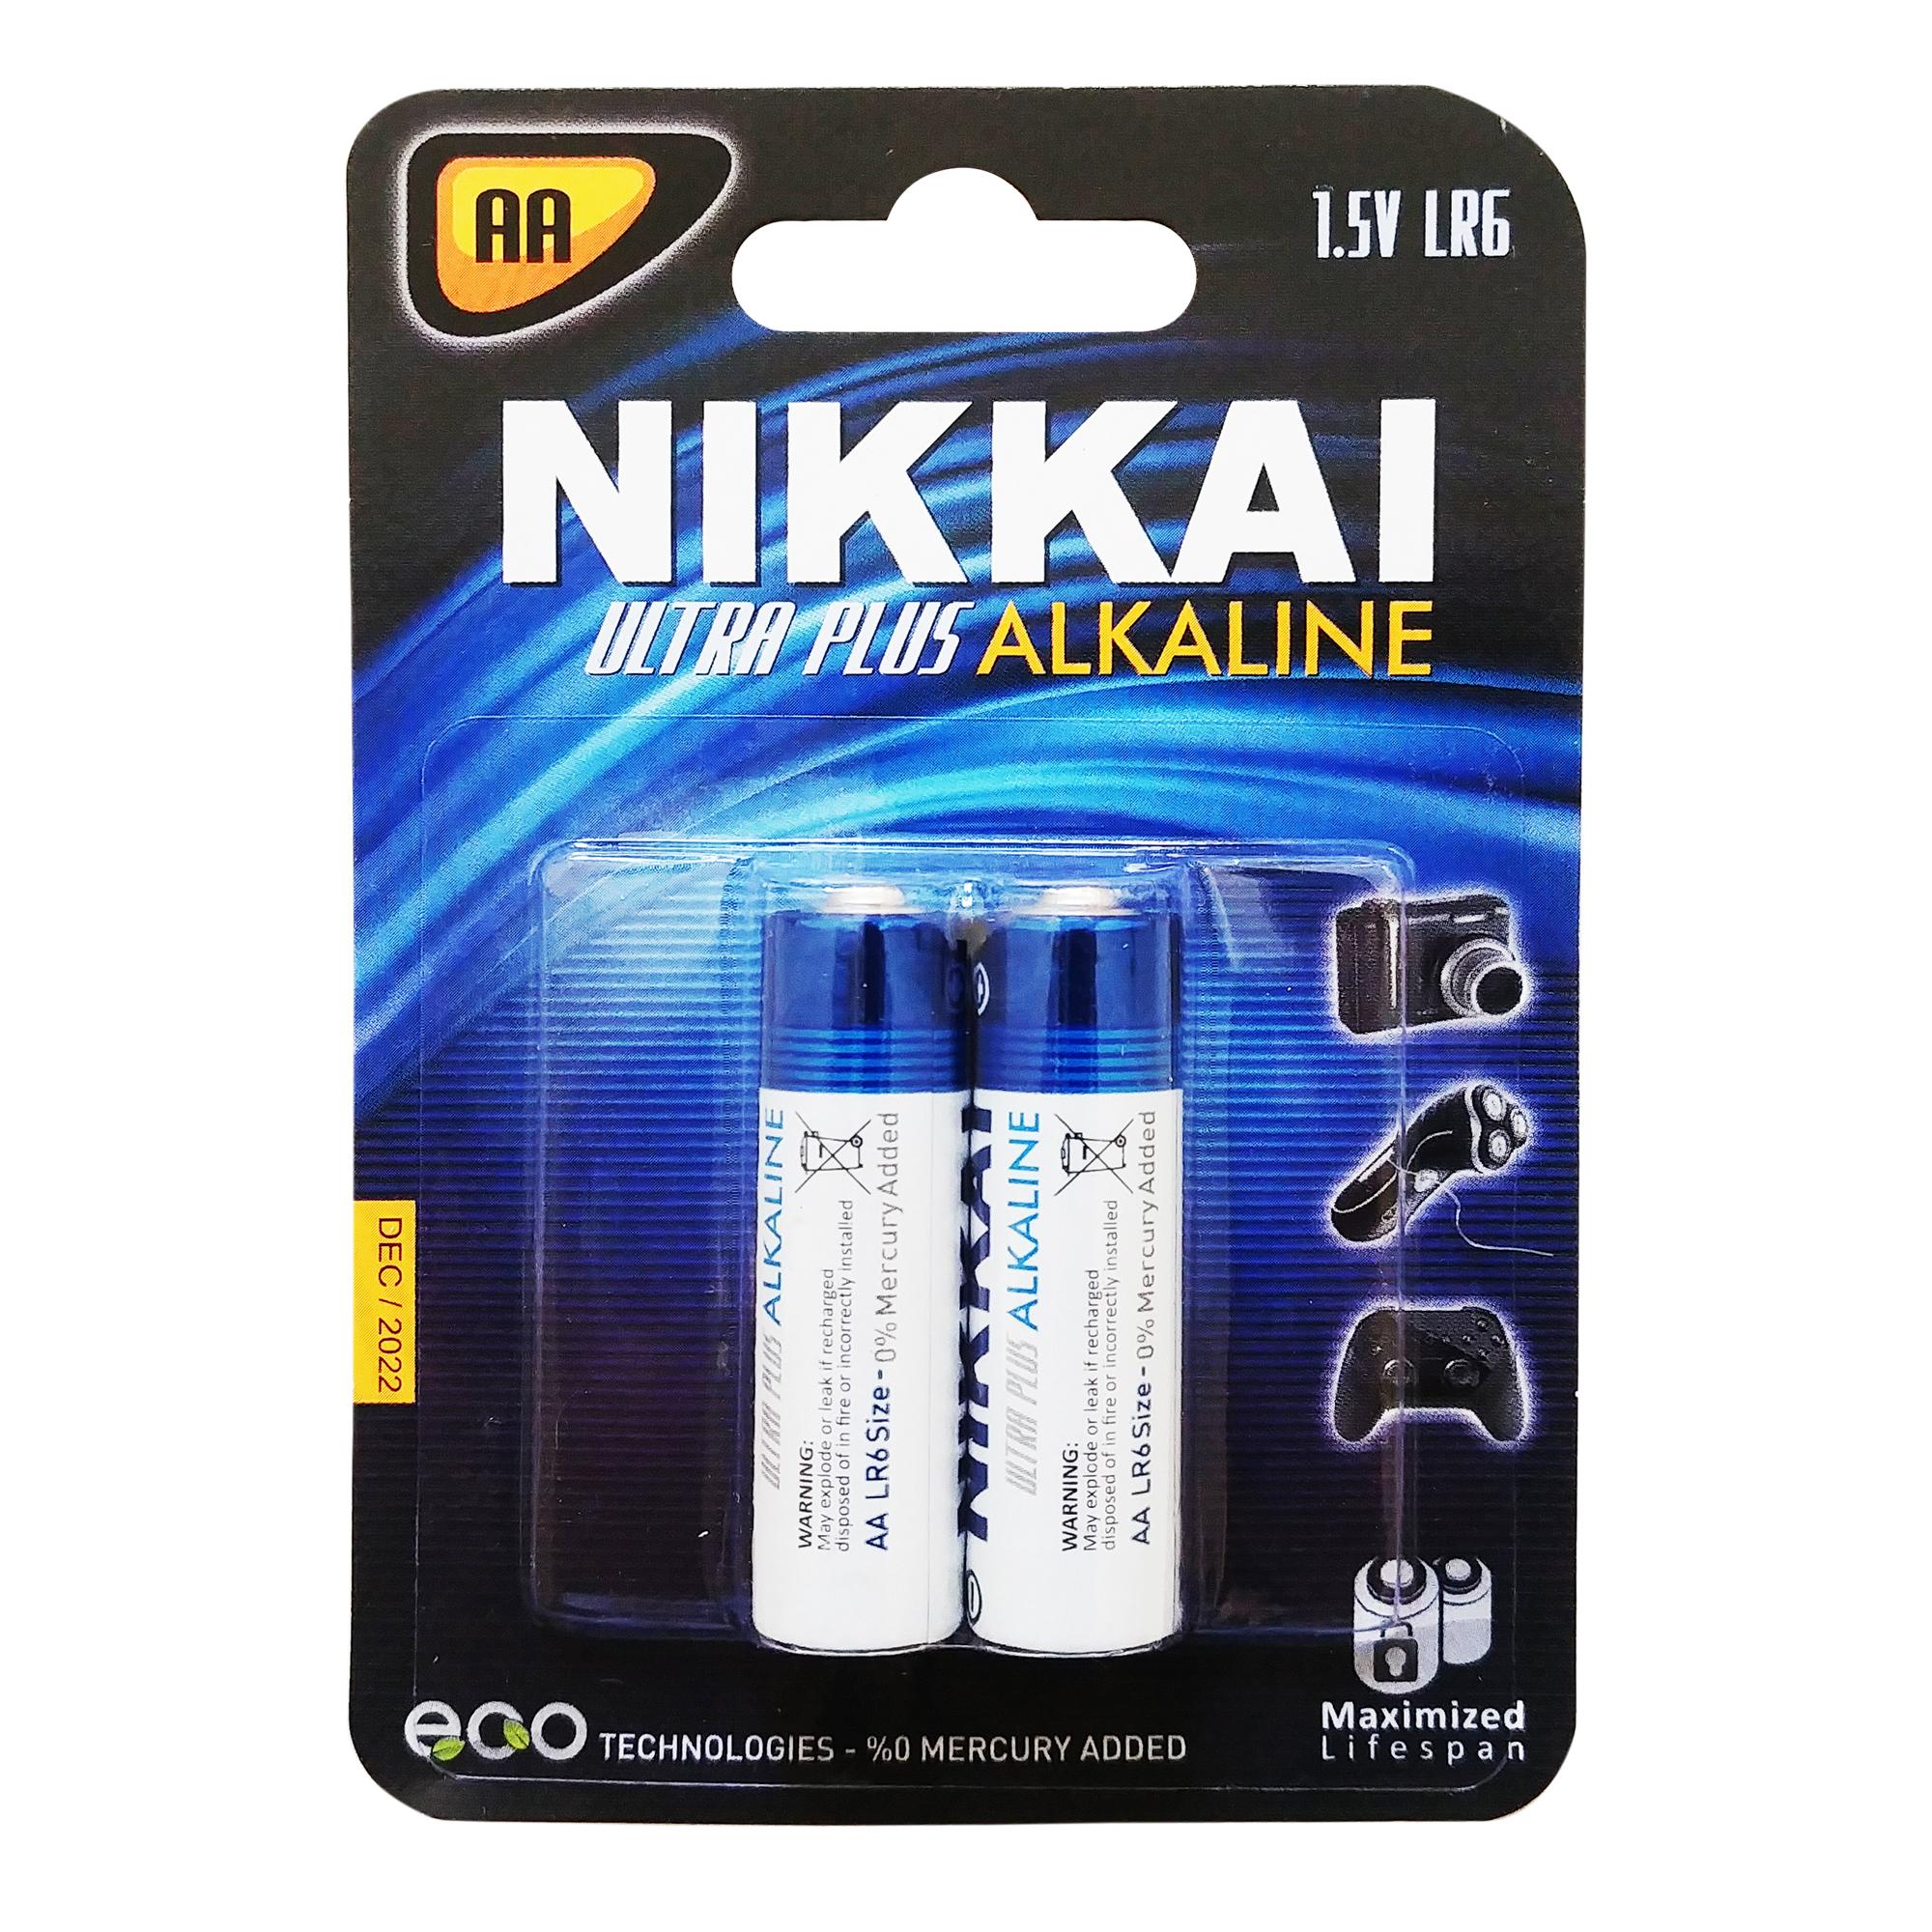 بررسی و {خرید با تخفیف} باتری قلمی نیکای مدل N-Alk2 بسته 2 عددی اصل